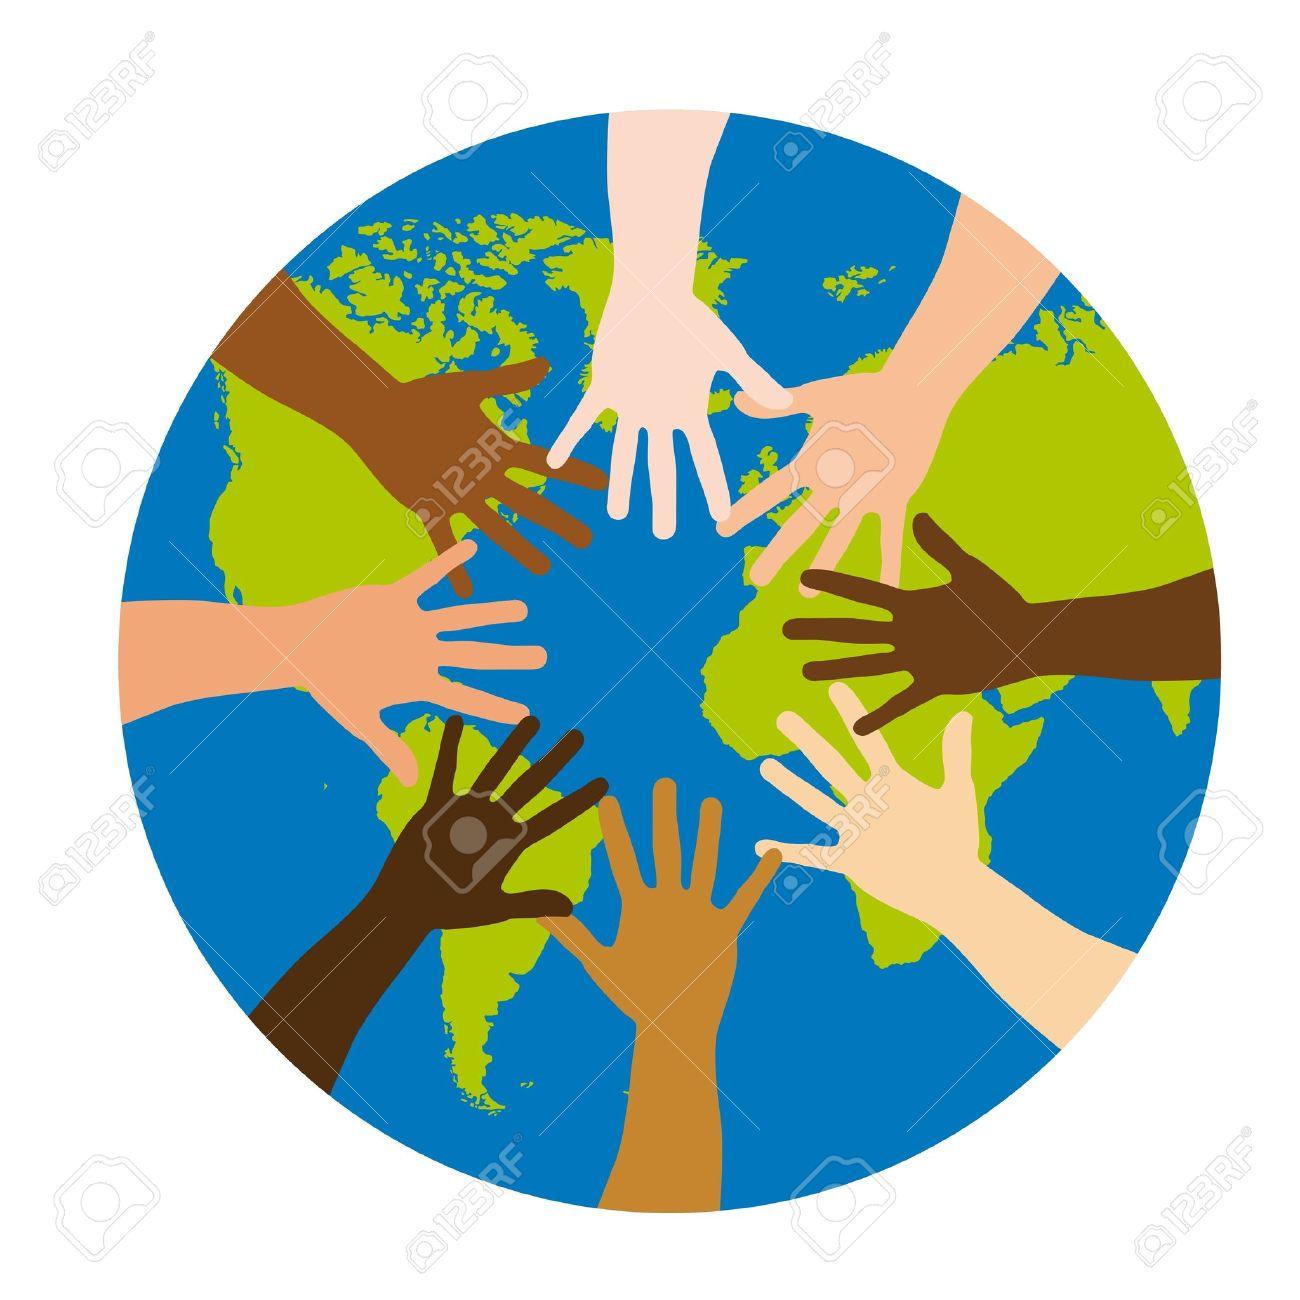 diversity over world over white background. vector illustration - 11618557